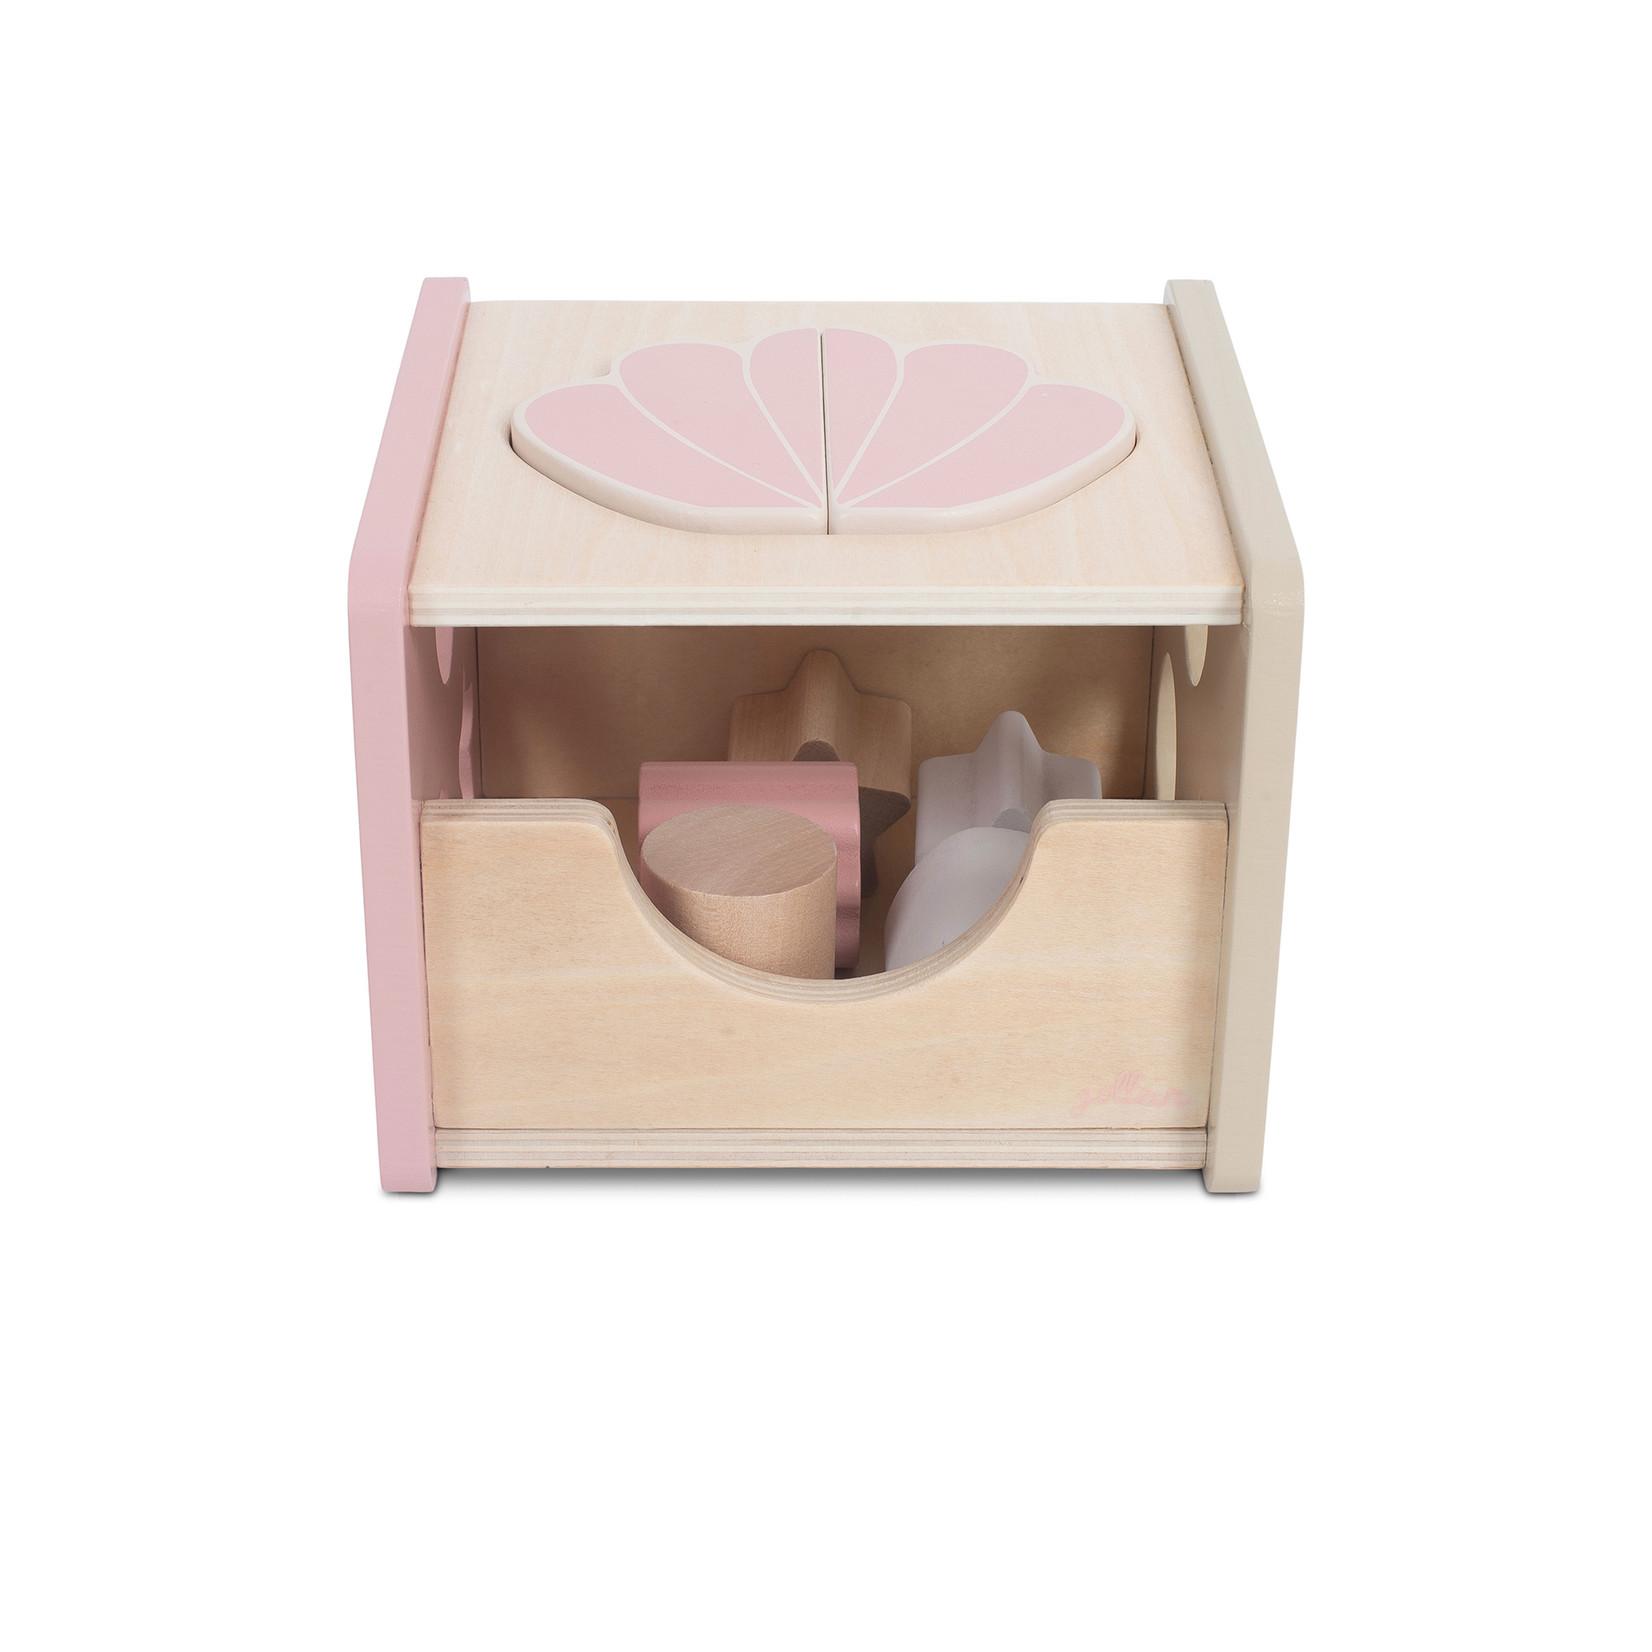 Jollein Houten blokken vormensoof schelp pink